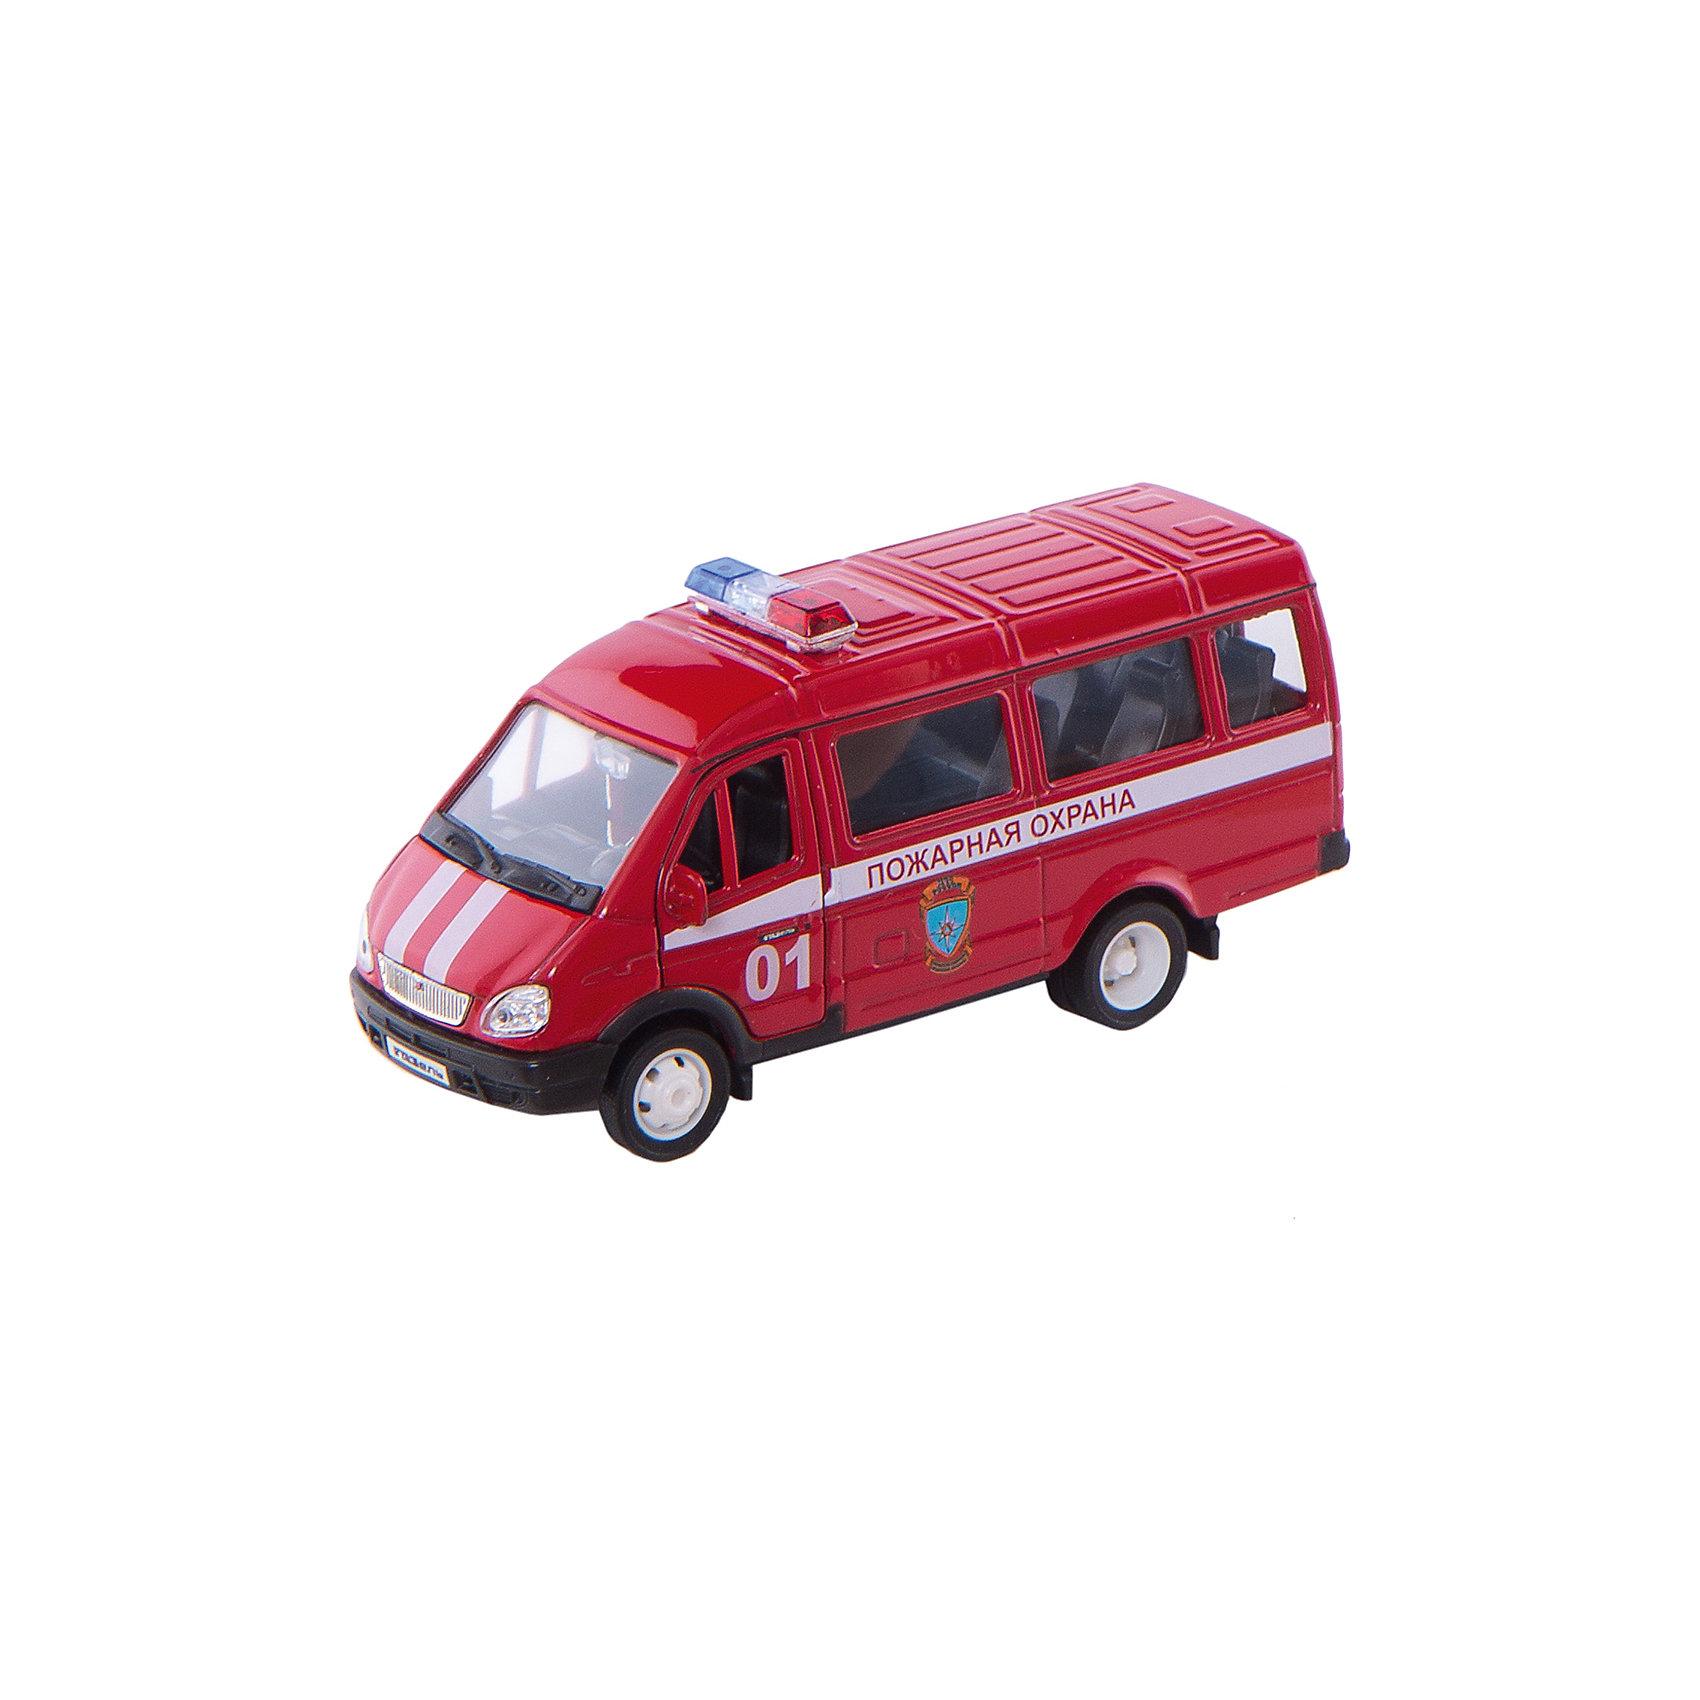 Welly Модель машины ГАЗель Пожарная охранаМашинки<br>Характеристики модели машины ГАЗель Пожарная охрана:<br><br>- возраст: от 3 лет<br>- пол: для мальчиков<br>- модель: ГАЗель<br>- цвет: красный. <br>- масштаб: 1:34.<br>- материал: металл, пластик.<br>- бренд: Welly<br><br>Коллекционная машинка Газель - Пожарная охрана - это отличный подарок для каждого юного любителя техники! Модель представляет собой точную копию легендарного российского микроавтобуса Газель, выполненную в масштабе 1:34 в цветах пожарной охраны. Машинка снабжена инерционным двигателем и может ездить вперед. Двери модели открываются. Машинка изготовлена из высококачественных материалов, безвредных для здоровья ребенка. Вашему мальчику непременно понравится играть с моделькой, каждый раз придумывая новые сюжеты и представляя себя пожарным, мчащимся на экстренный вызов.<br><br>Модель машины ГАЗель пожарная охрана торговой марки Welly можно купить в нашем интернет-магазине.<br><br>Ширина мм: 165<br>Глубина мм: 60<br>Высота мм: 140<br>Вес г: 247<br>Возраст от месяцев: 84<br>Возраст до месяцев: 1188<br>Пол: Мужской<br>Возраст: Детский<br>SKU: 2150220